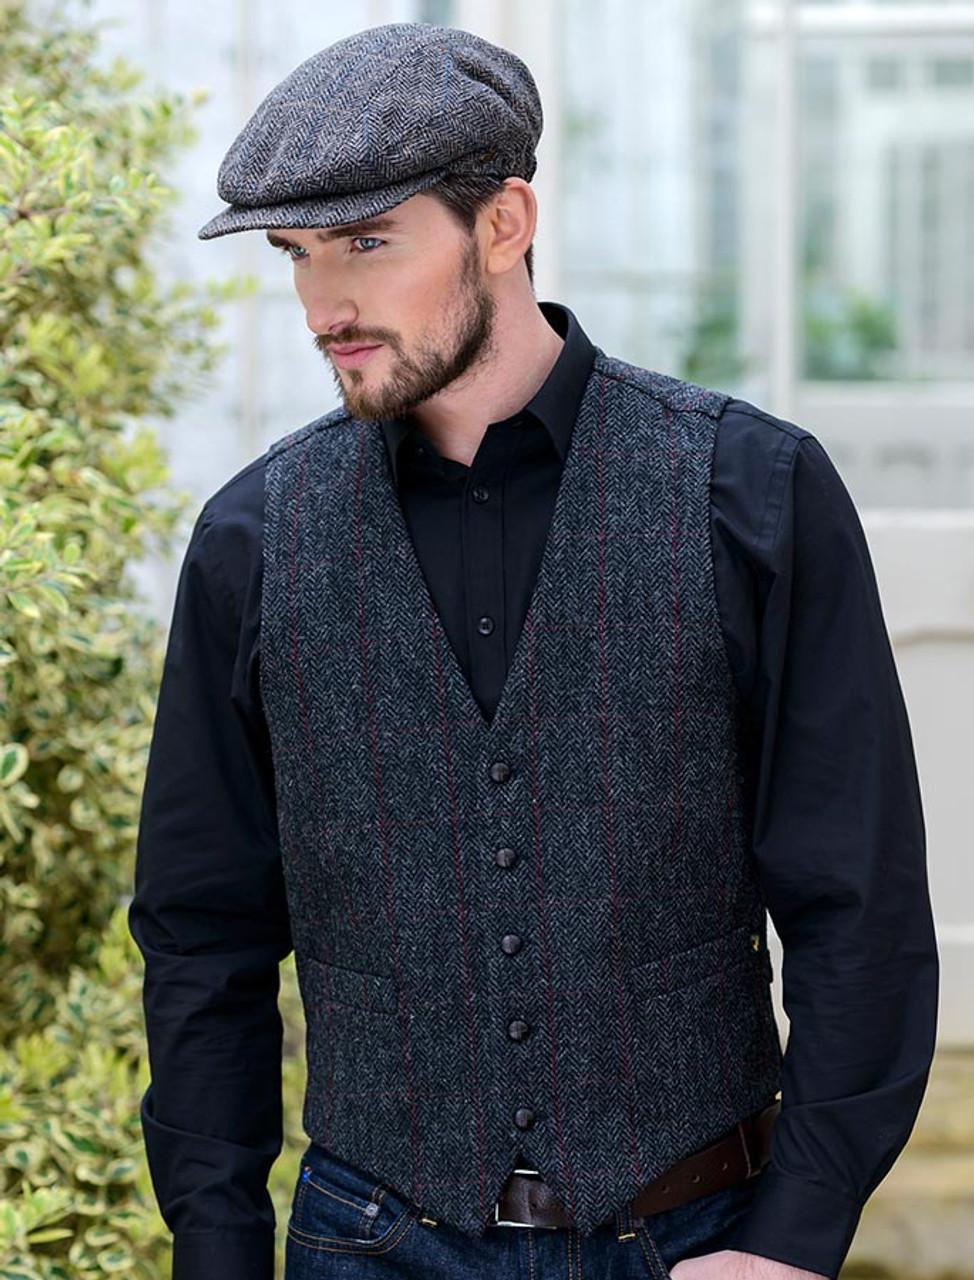 b5c99ed5dc0da Mens Islay Tweed Waistcoat 100% Wool Tweed 36 Sage Check